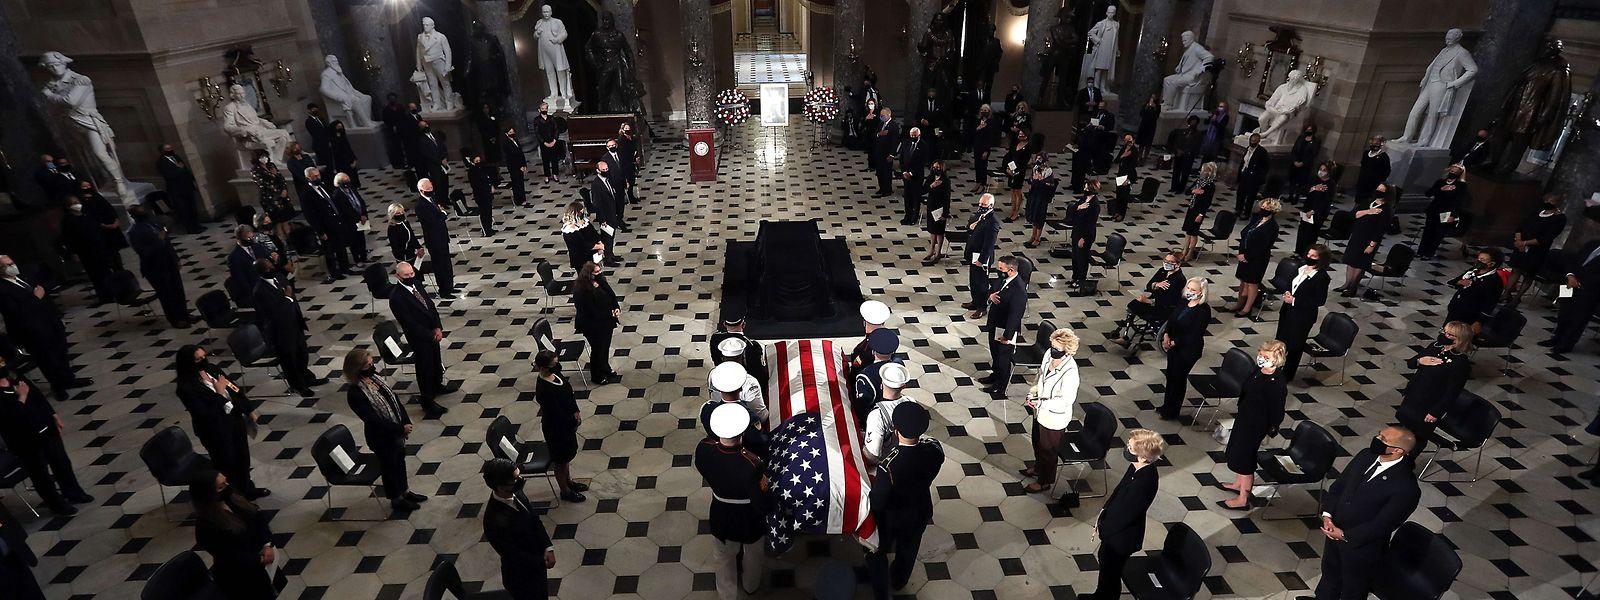 Der Leichnam der Supreme-Court-Richterin Ruth Bader Ginsburg wurde am Freitag im Kapitol aufgebahrt. Die Rechtsstaatsikone ist die erste Frau in der Geschichte der USA, die diese Ehre zuteil wird. Die Zeremonie fand wegen der Corona-Pandemie nur im Kreis geladener Gäste statt.